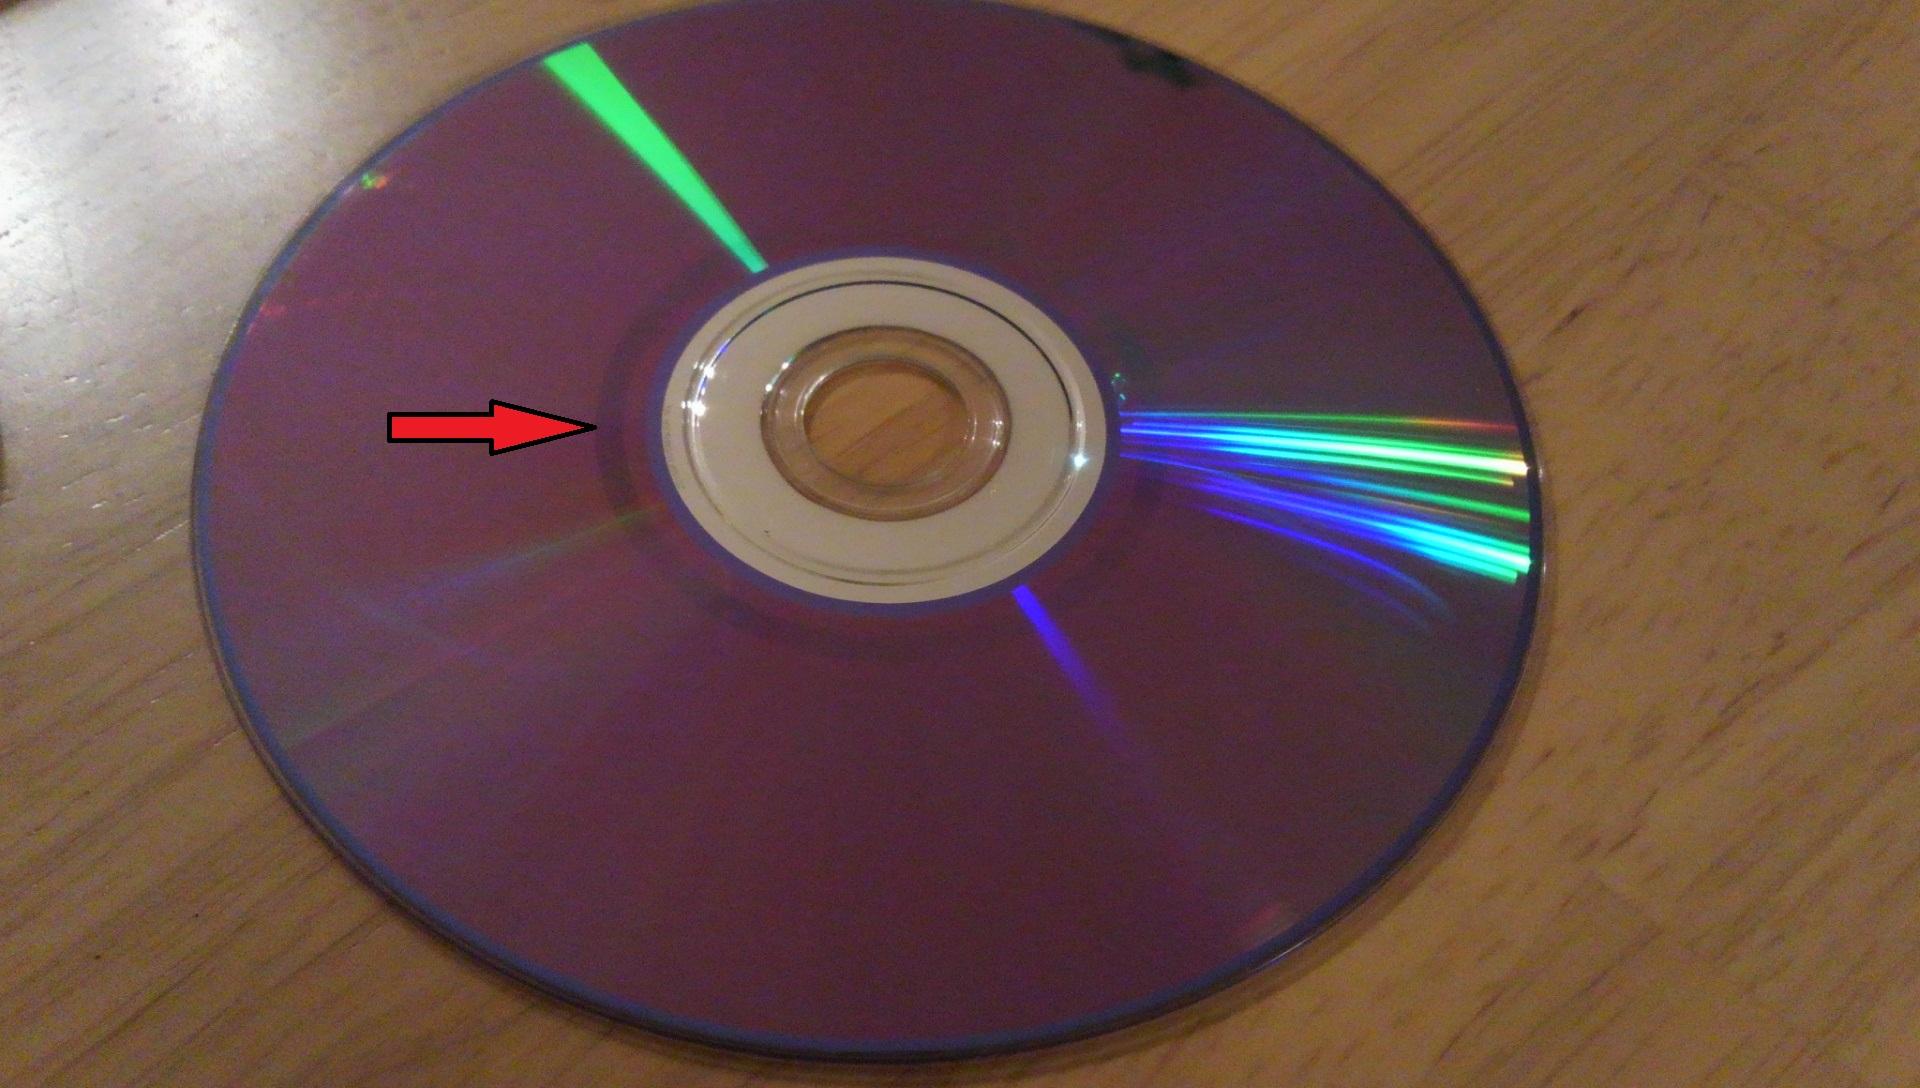 CD/DVDのデータが保存されているか見る方法